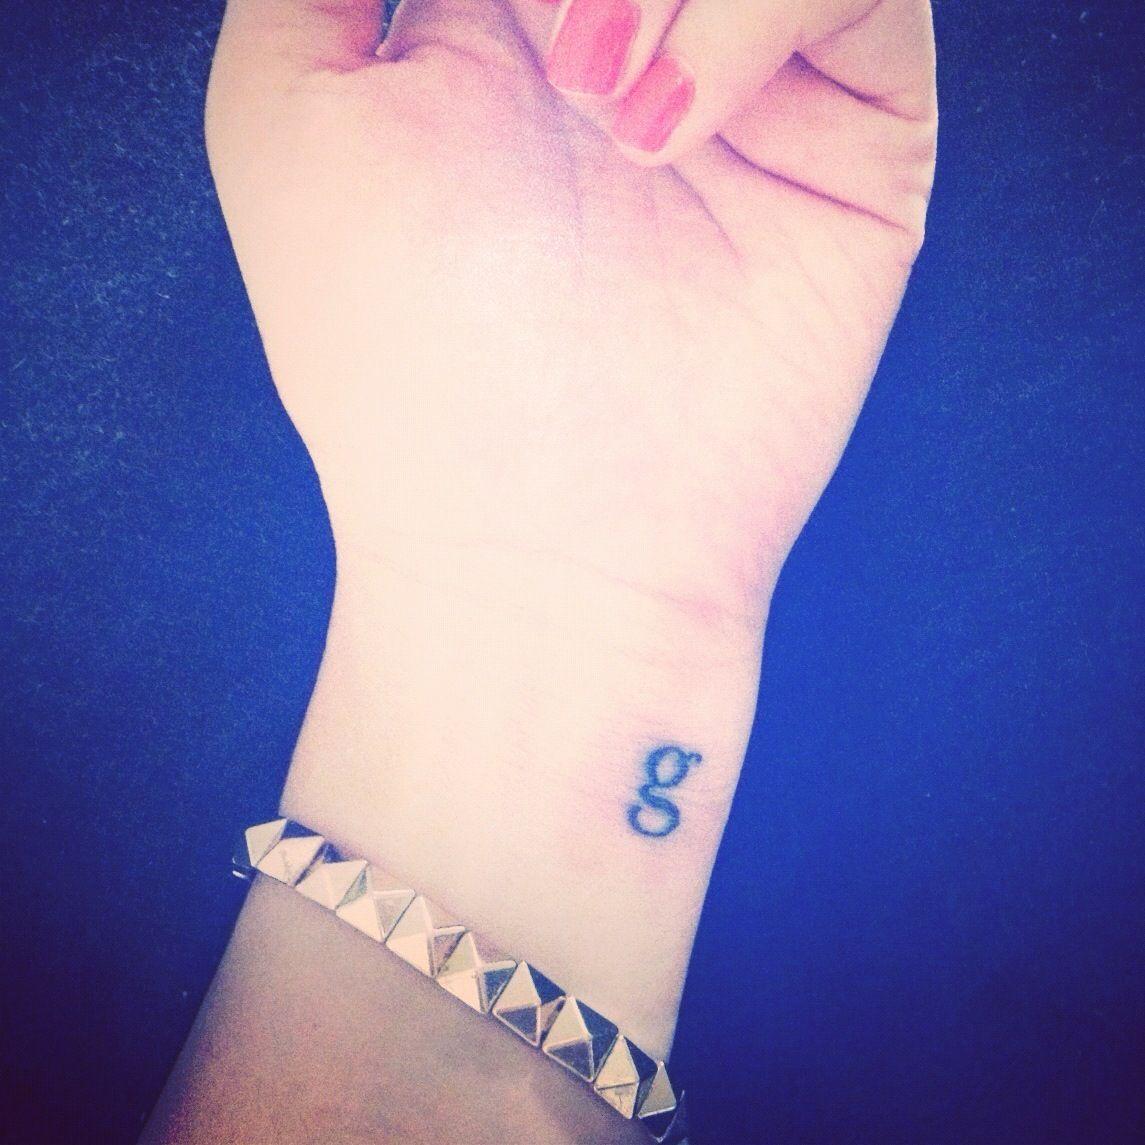 Initial Wrist Tattoos, G Tattoo